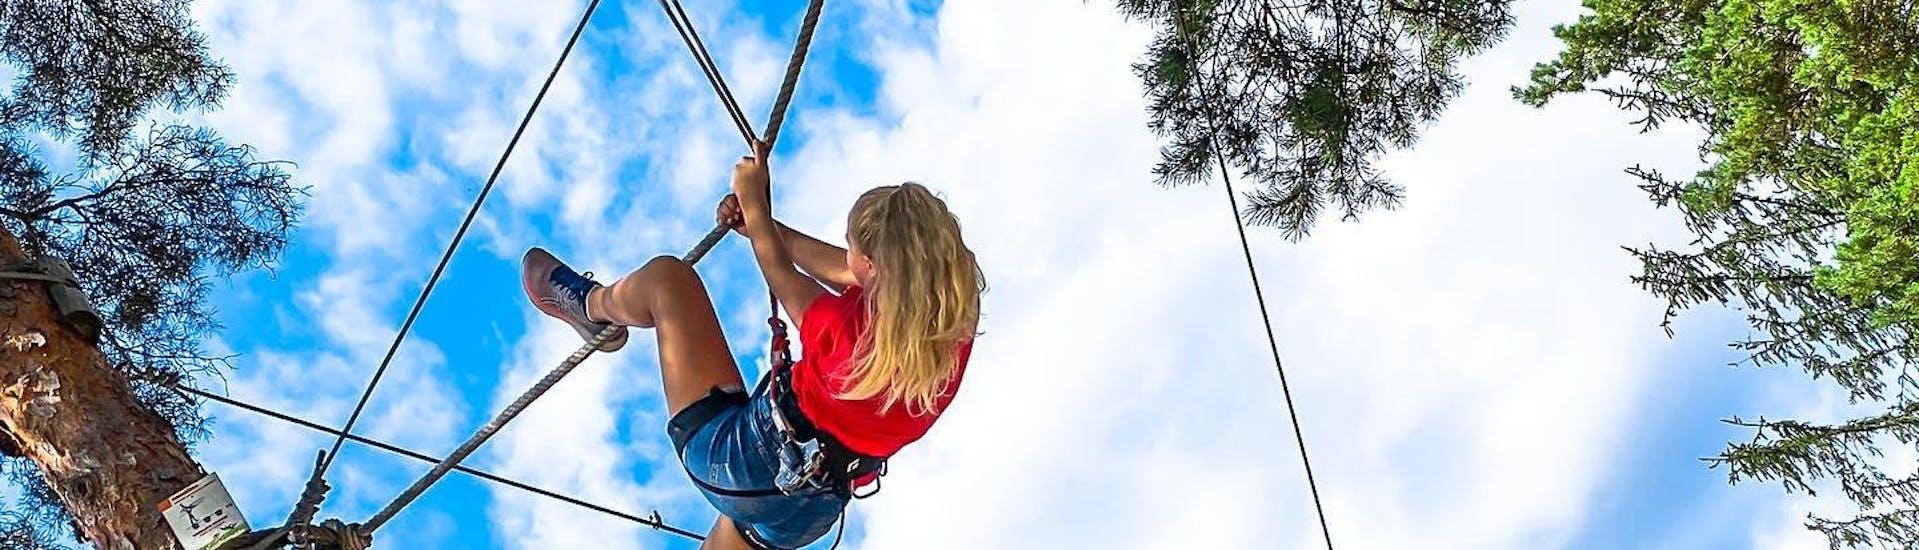 Adventure Park & Zipline in Varpolje